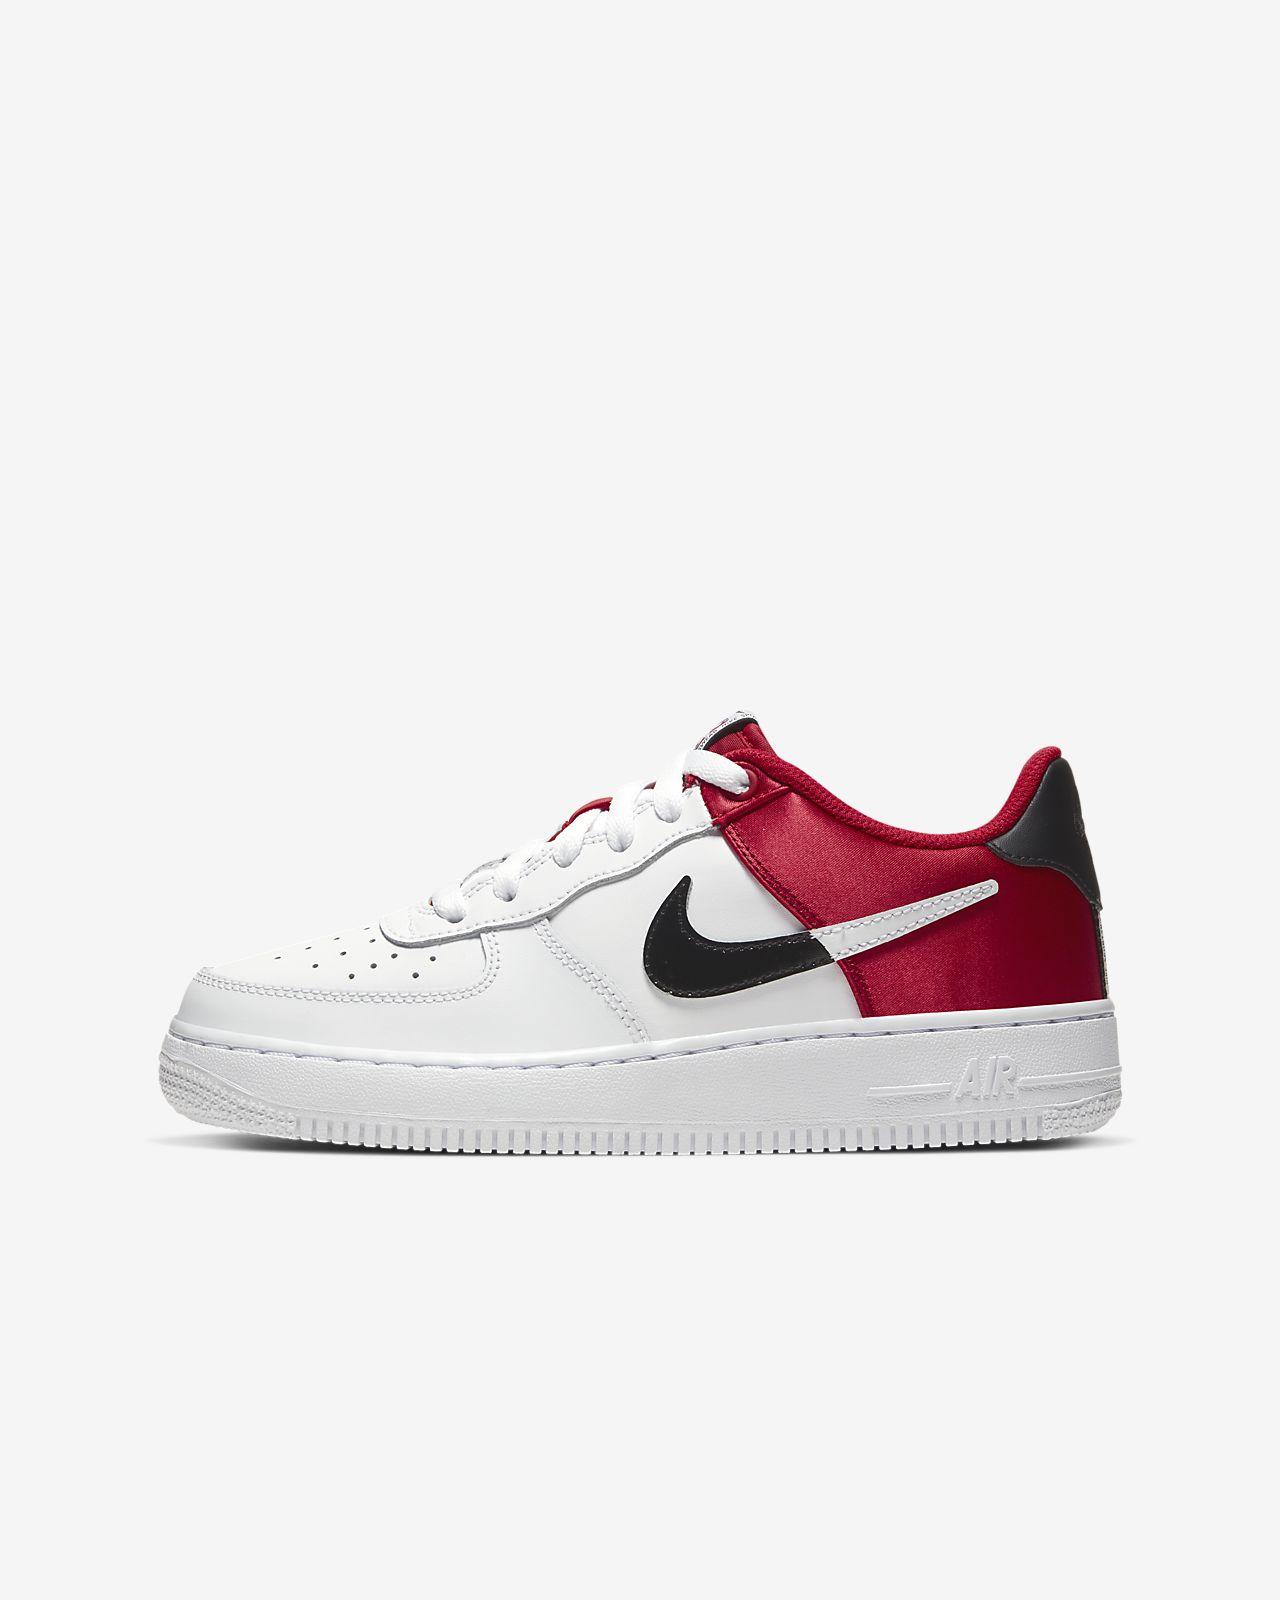 Nike Air Force 1 NBA 低筒大童鞋款